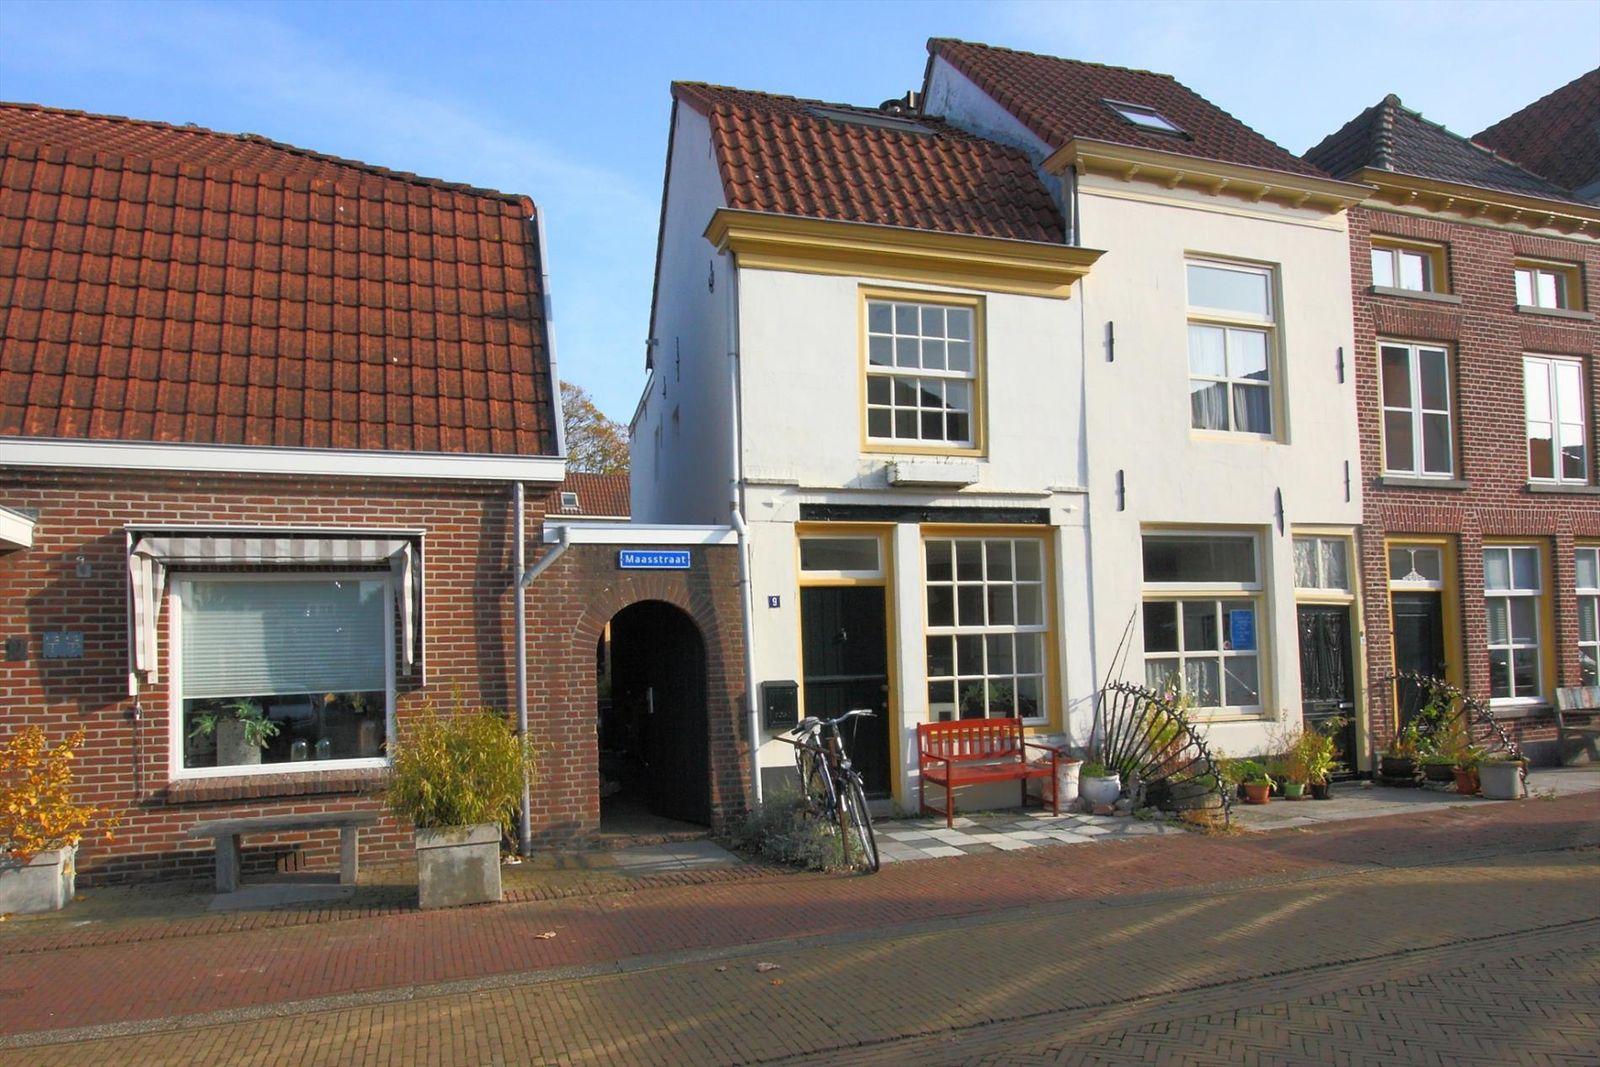 Maasstraat 9, Zaltbommel